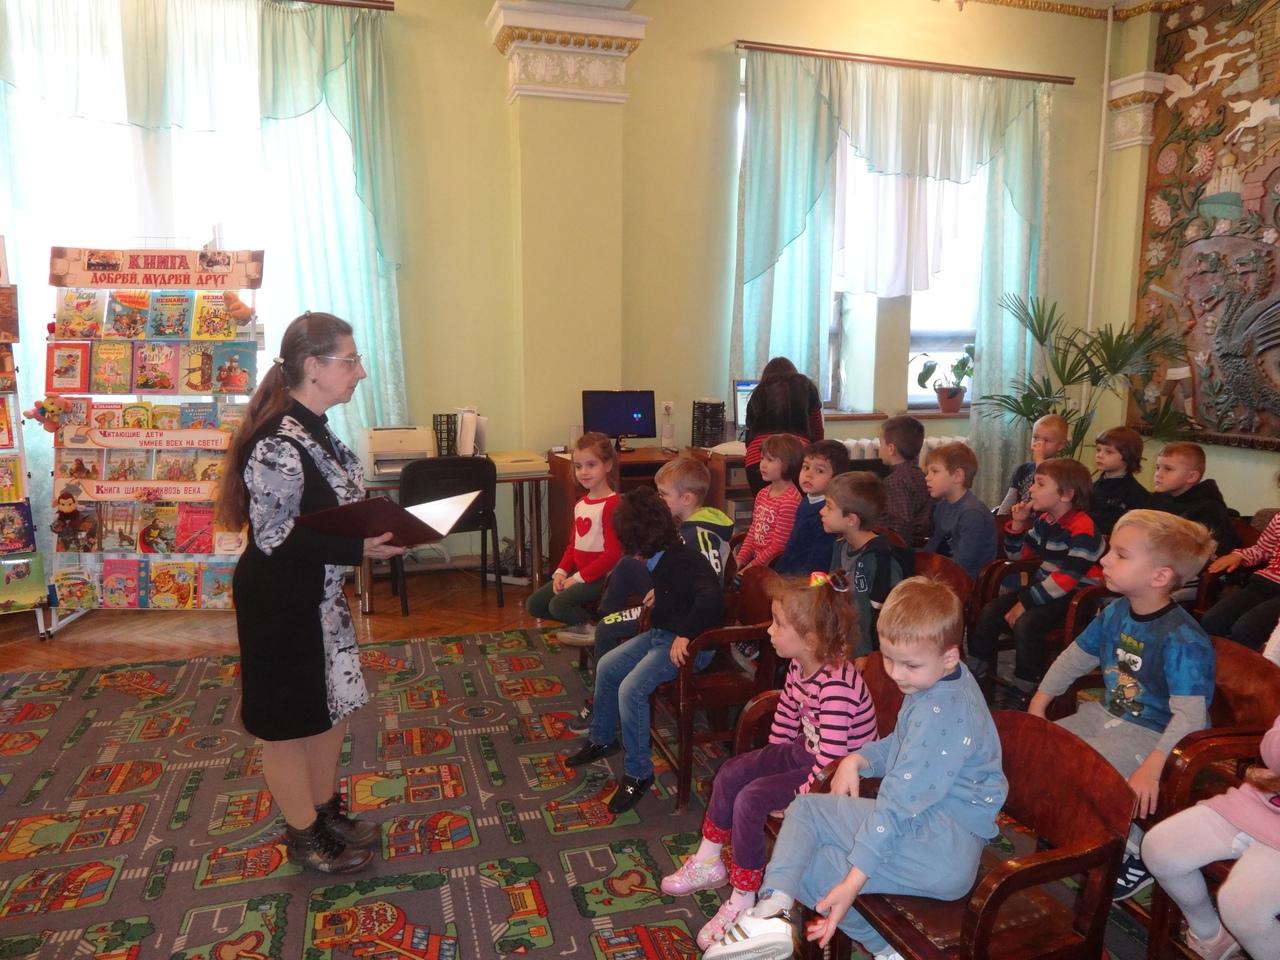 донецкая республиканская библиотека для детей, отдел обслуживания дошкольников и учащихся 1-4 классов, с библиотекой интересно, пожарная безопасность